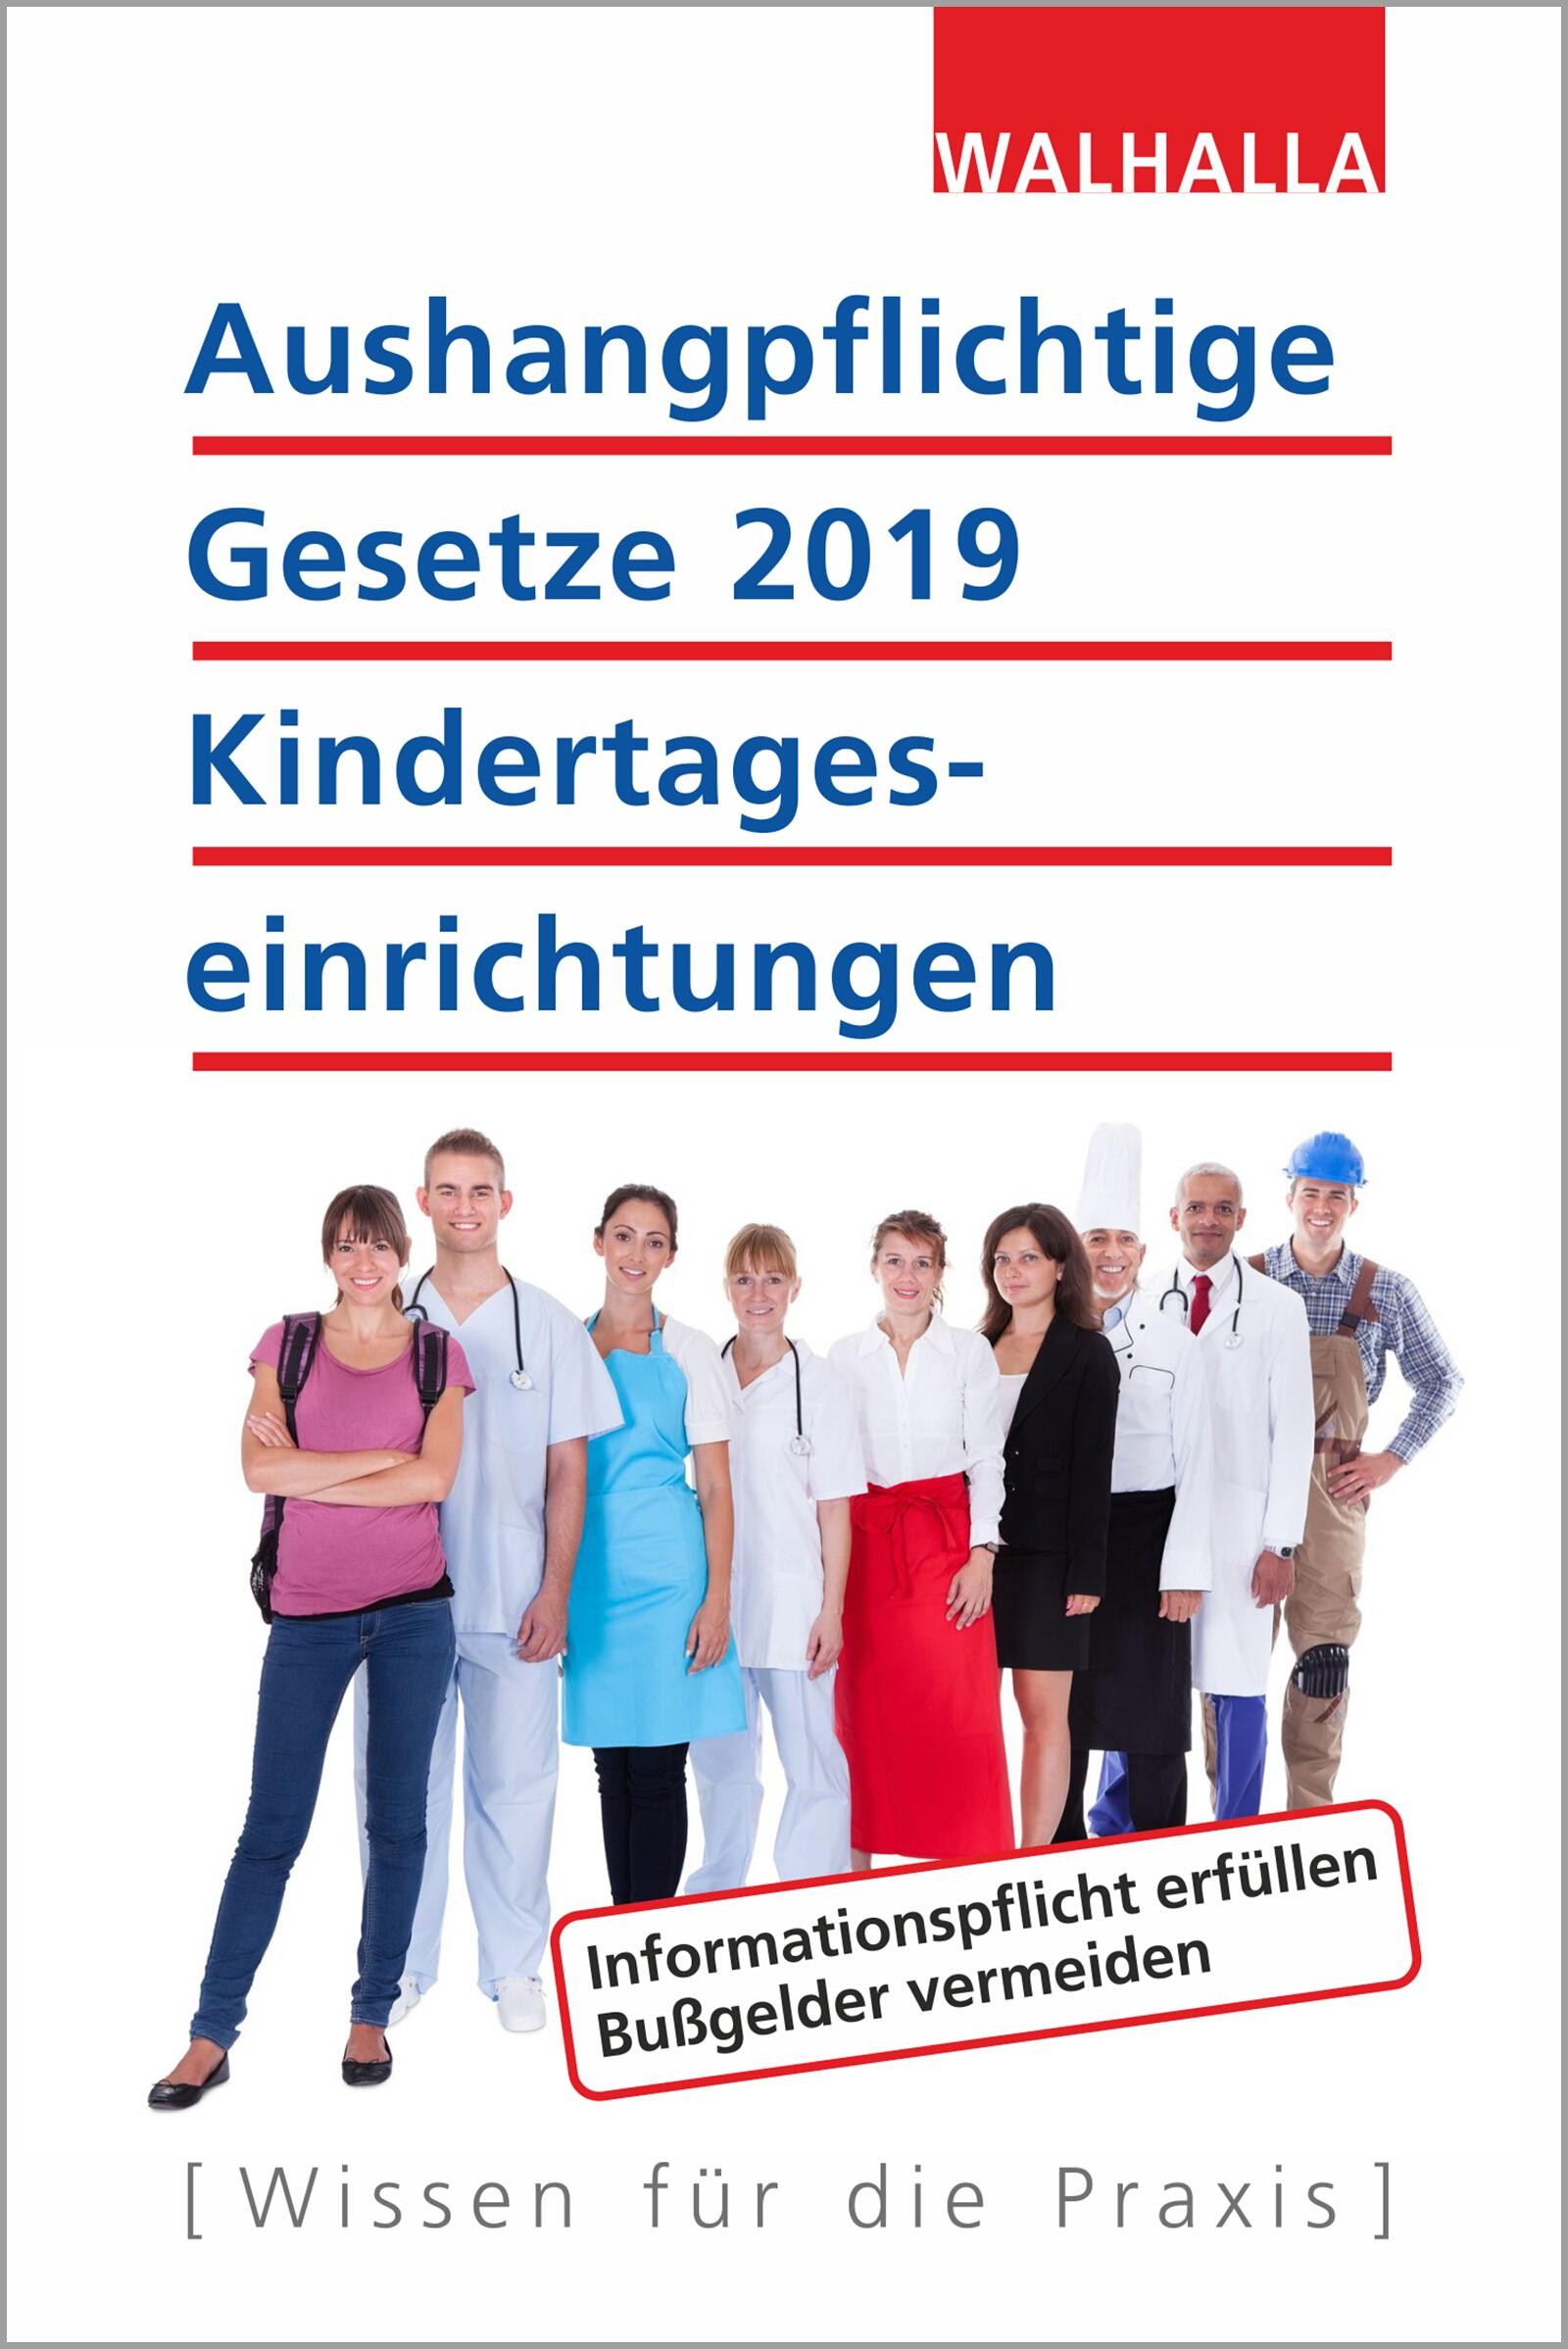 Aushangpflichtige Gesetze 2019 Kindertageseinrichtungen | Walhalla Fachredaktion, 2018 | Buch (Cover)